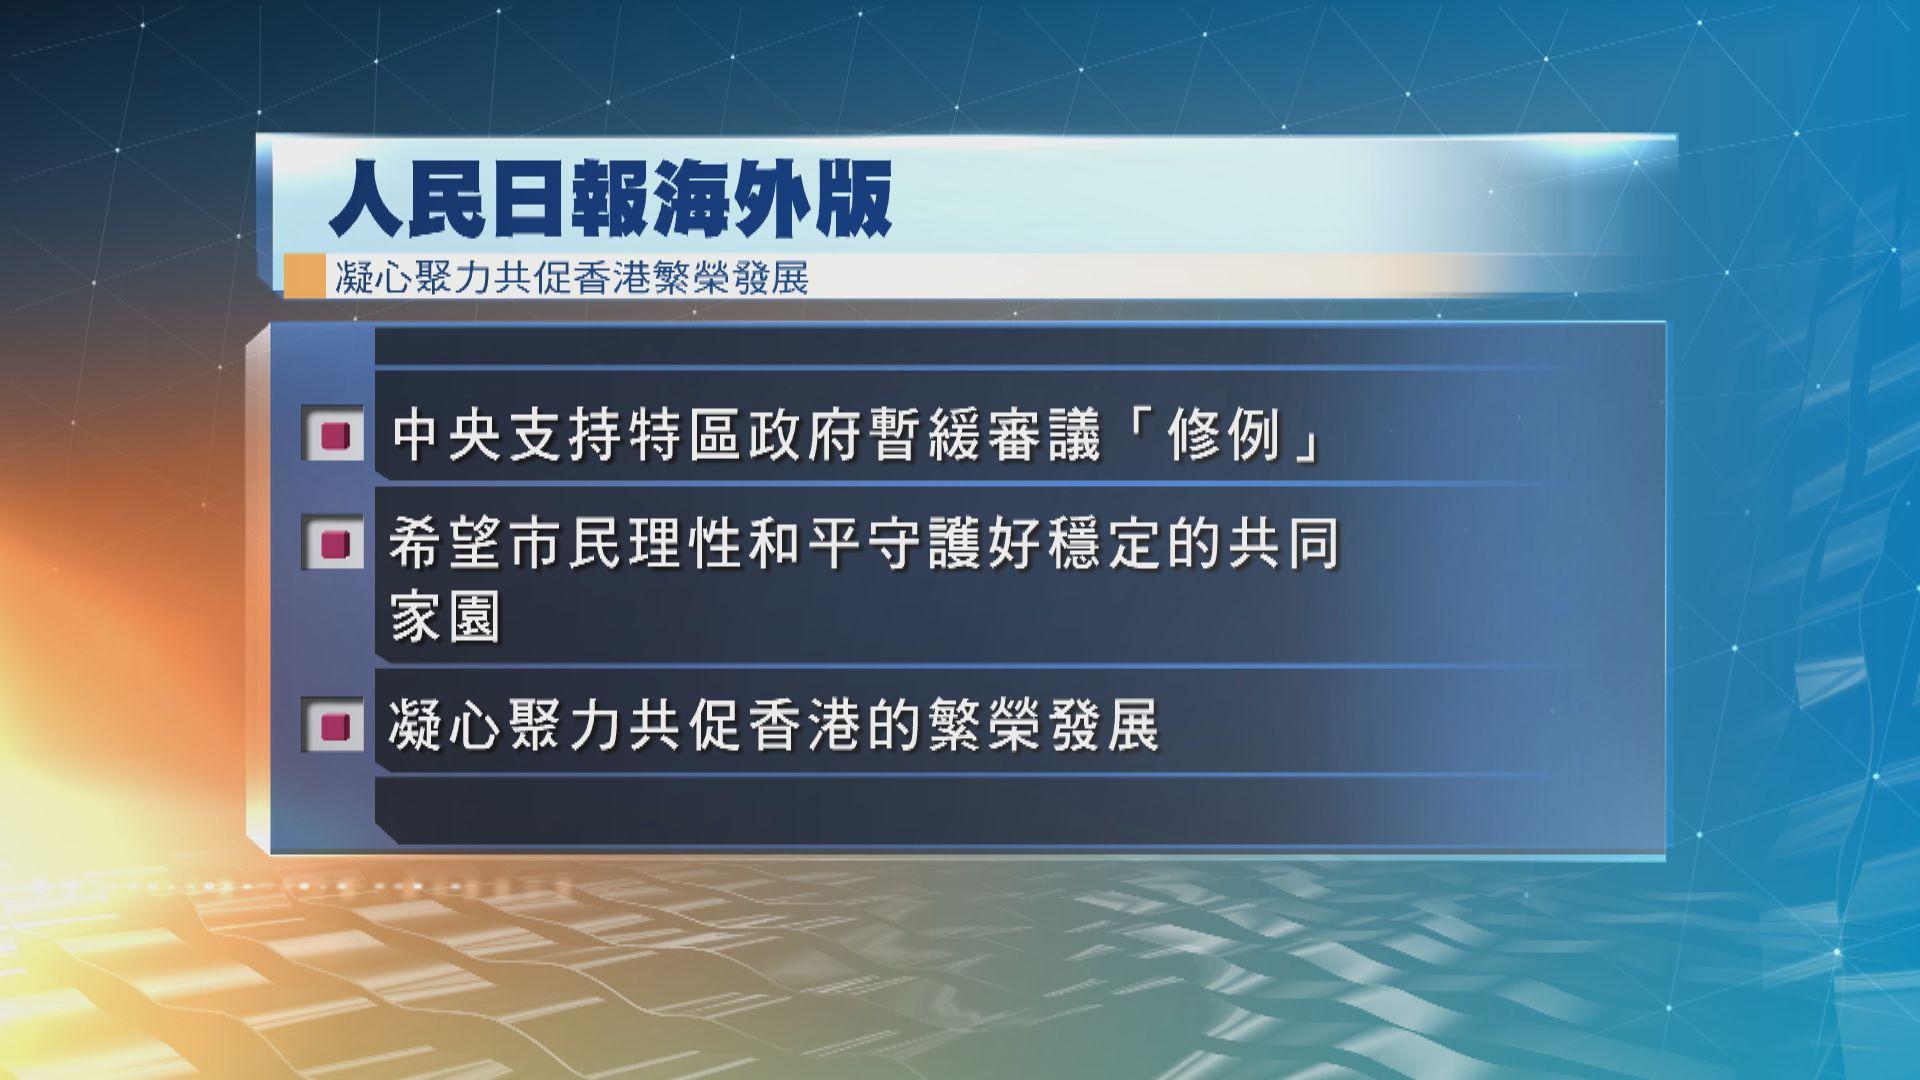 人民日報:冀港人凝心聚力促進香港繁榮發展